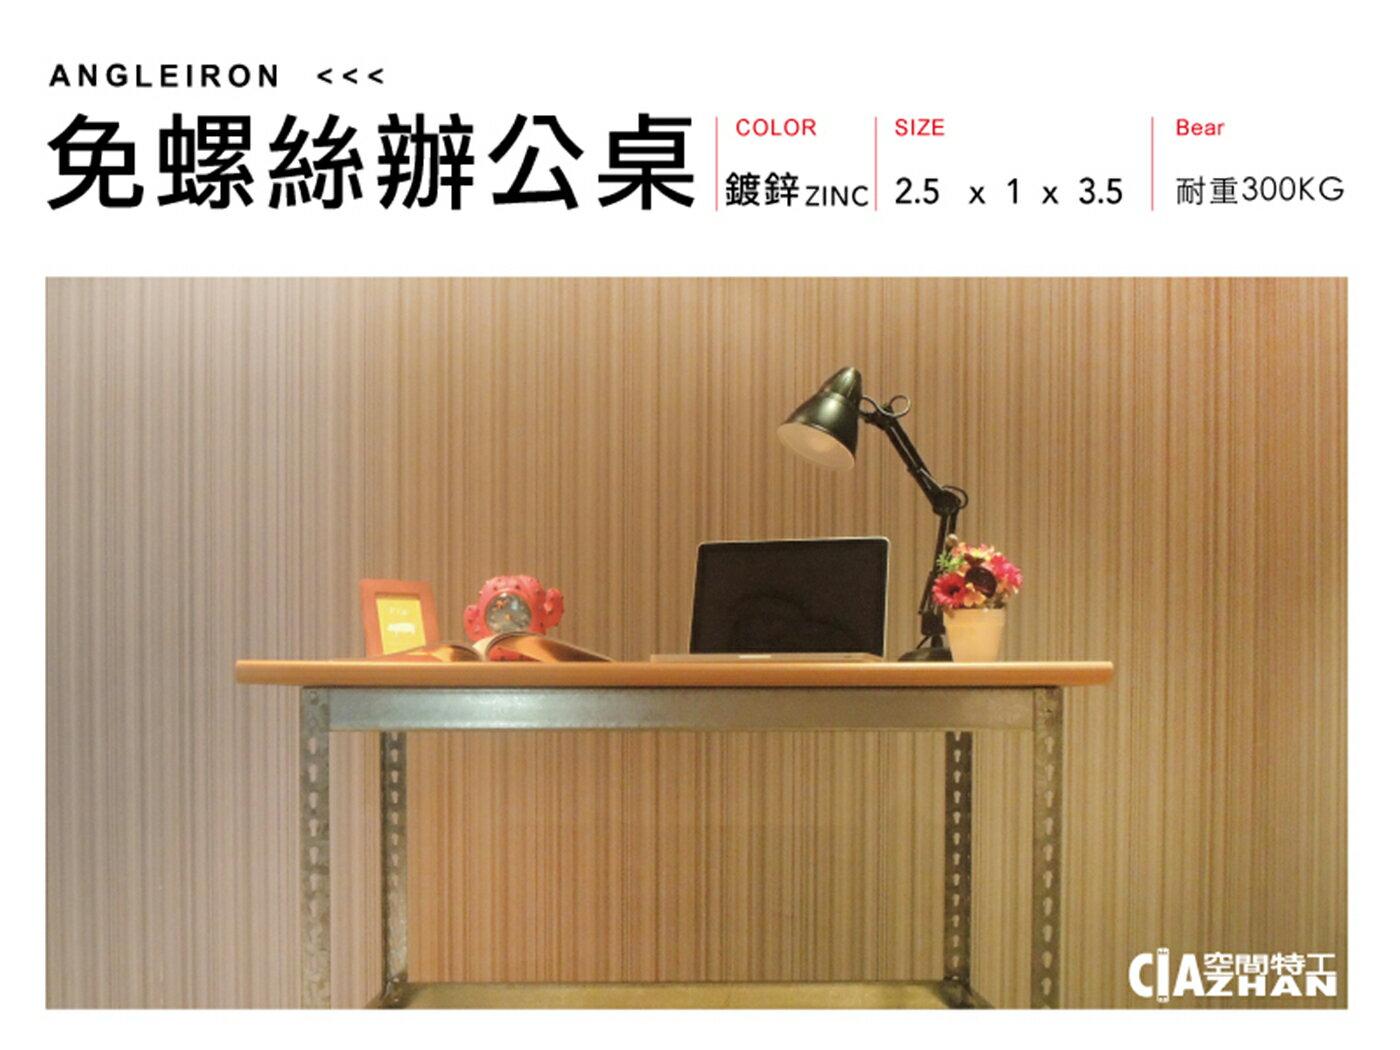 書桌♞空間特工♞OA辦公桌(木紋桌板120x70cm,高密度塑合板 抗刮耐磨)鍍鋅角鋼桌 辦公家具 工作桌 免運費 - 限時優惠好康折扣